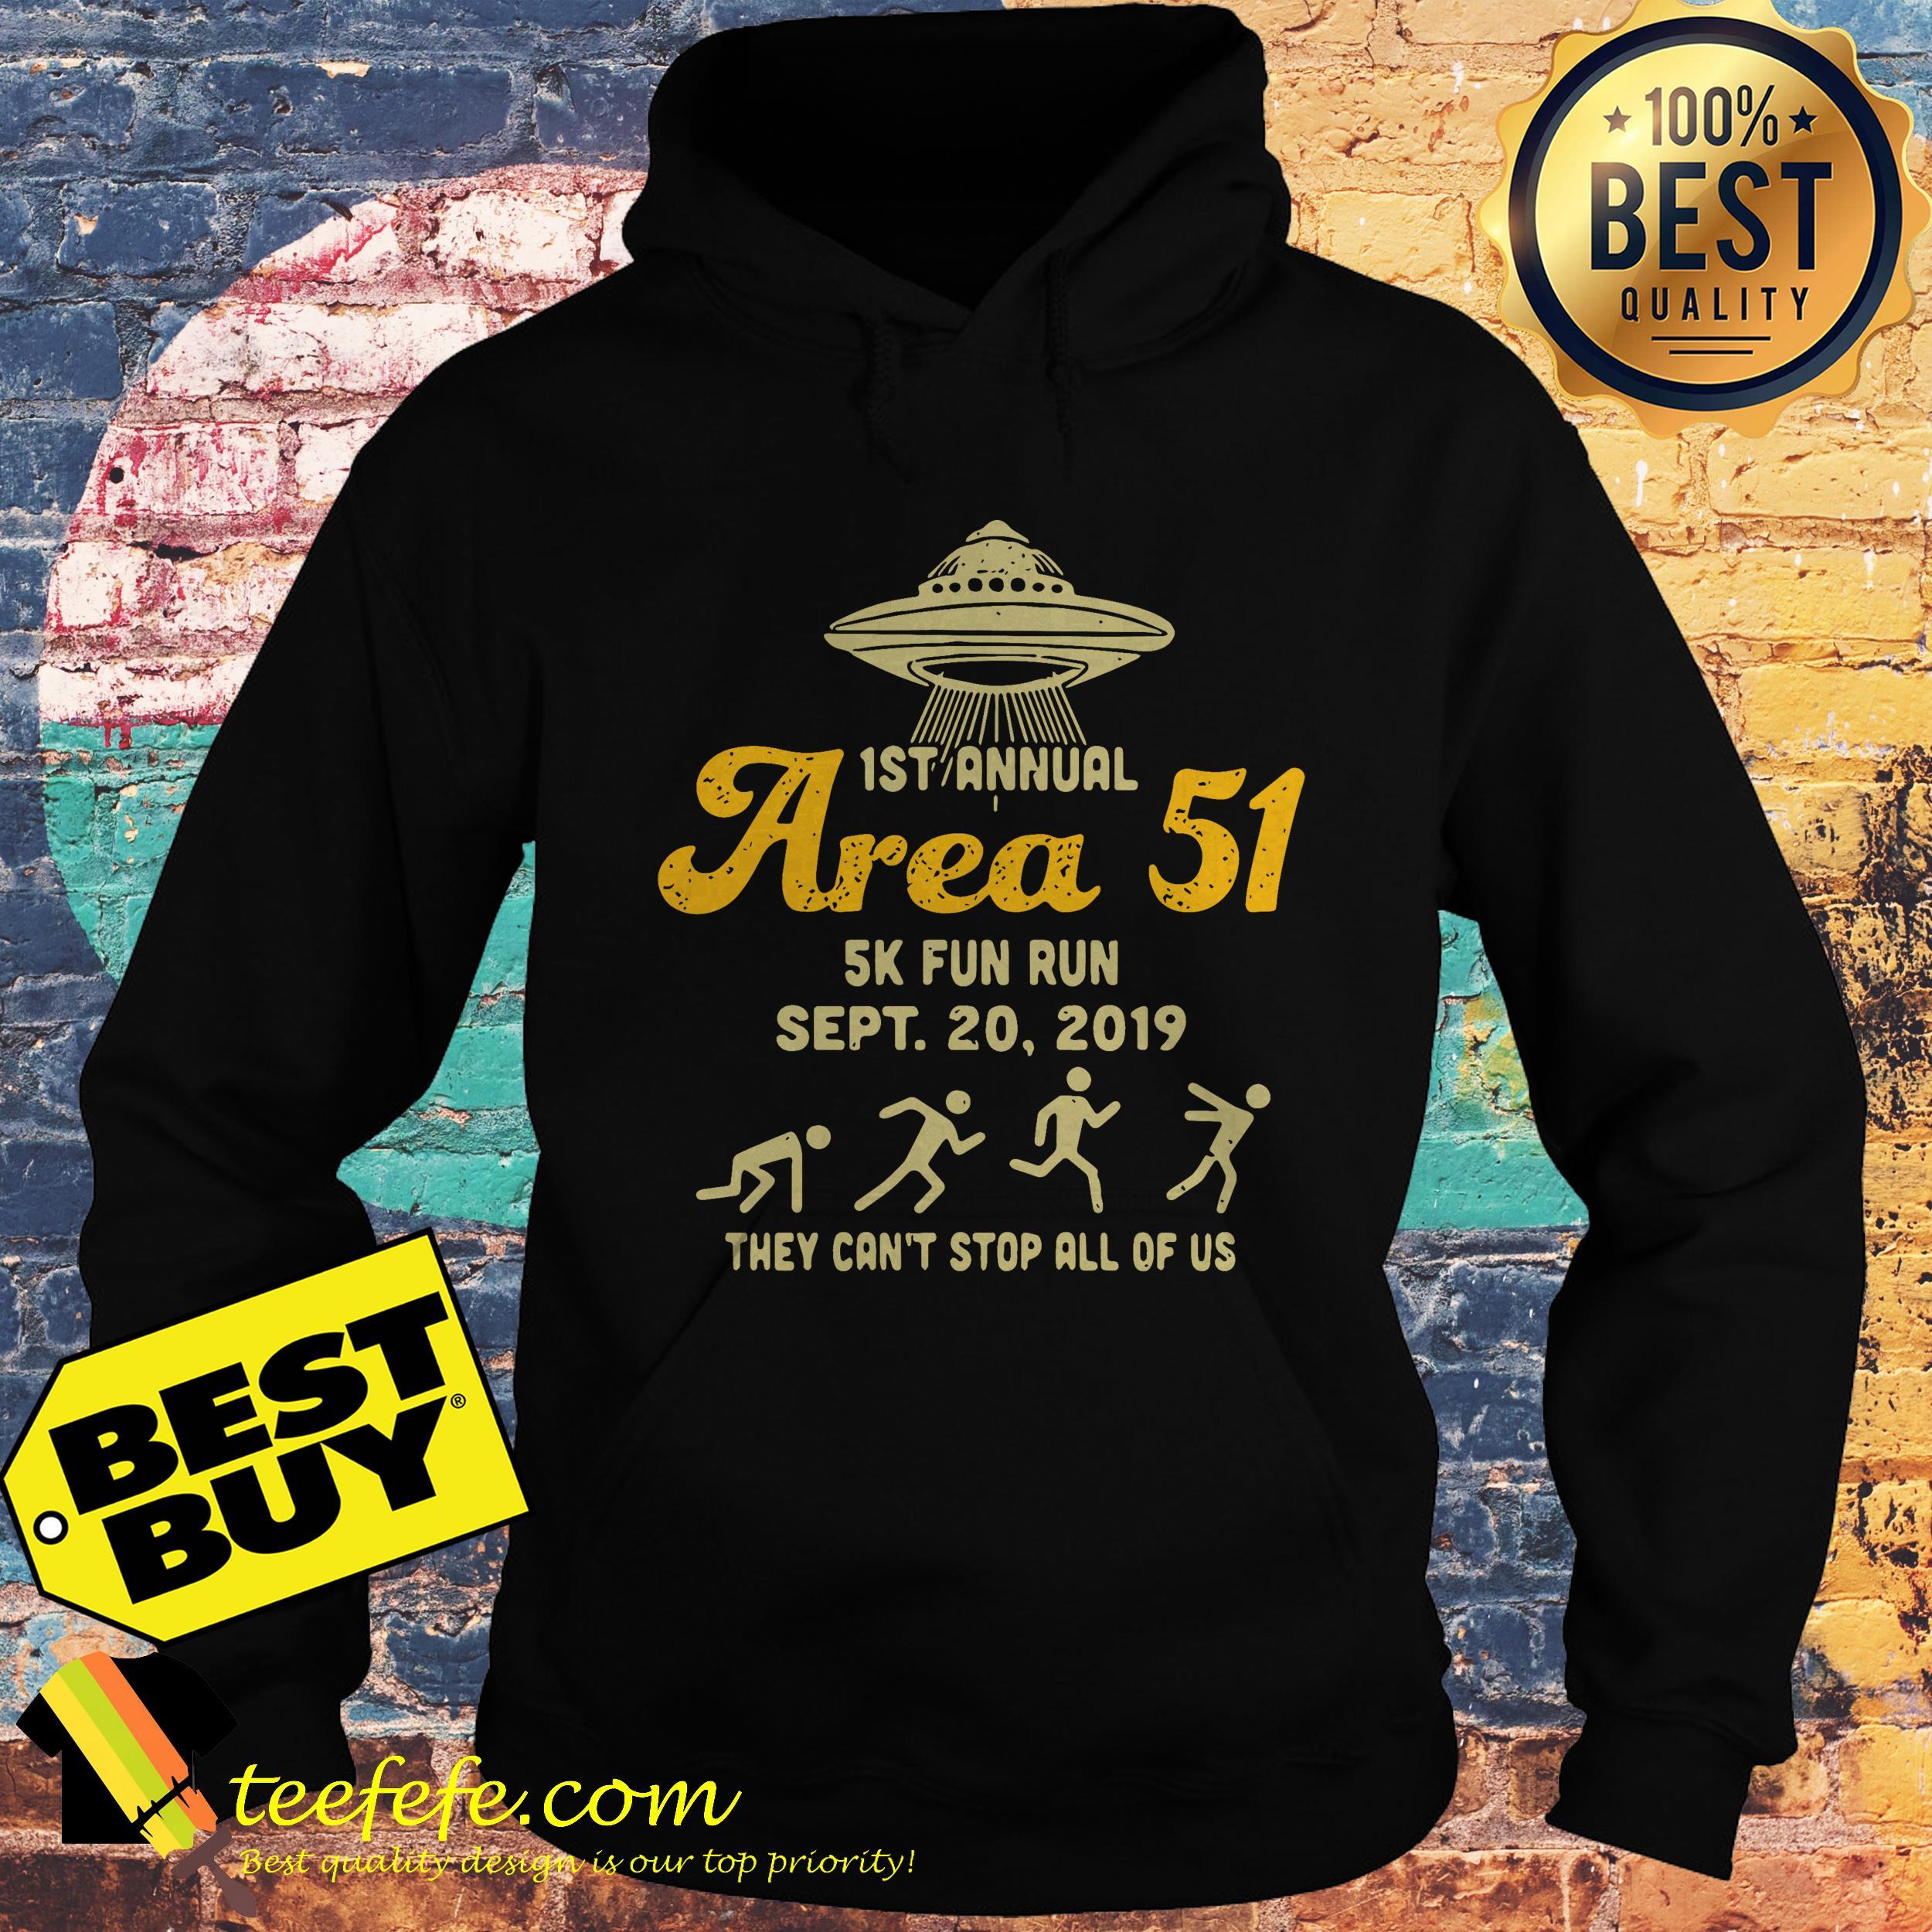 1St annual area 51 5k fun run UFOs hoodie